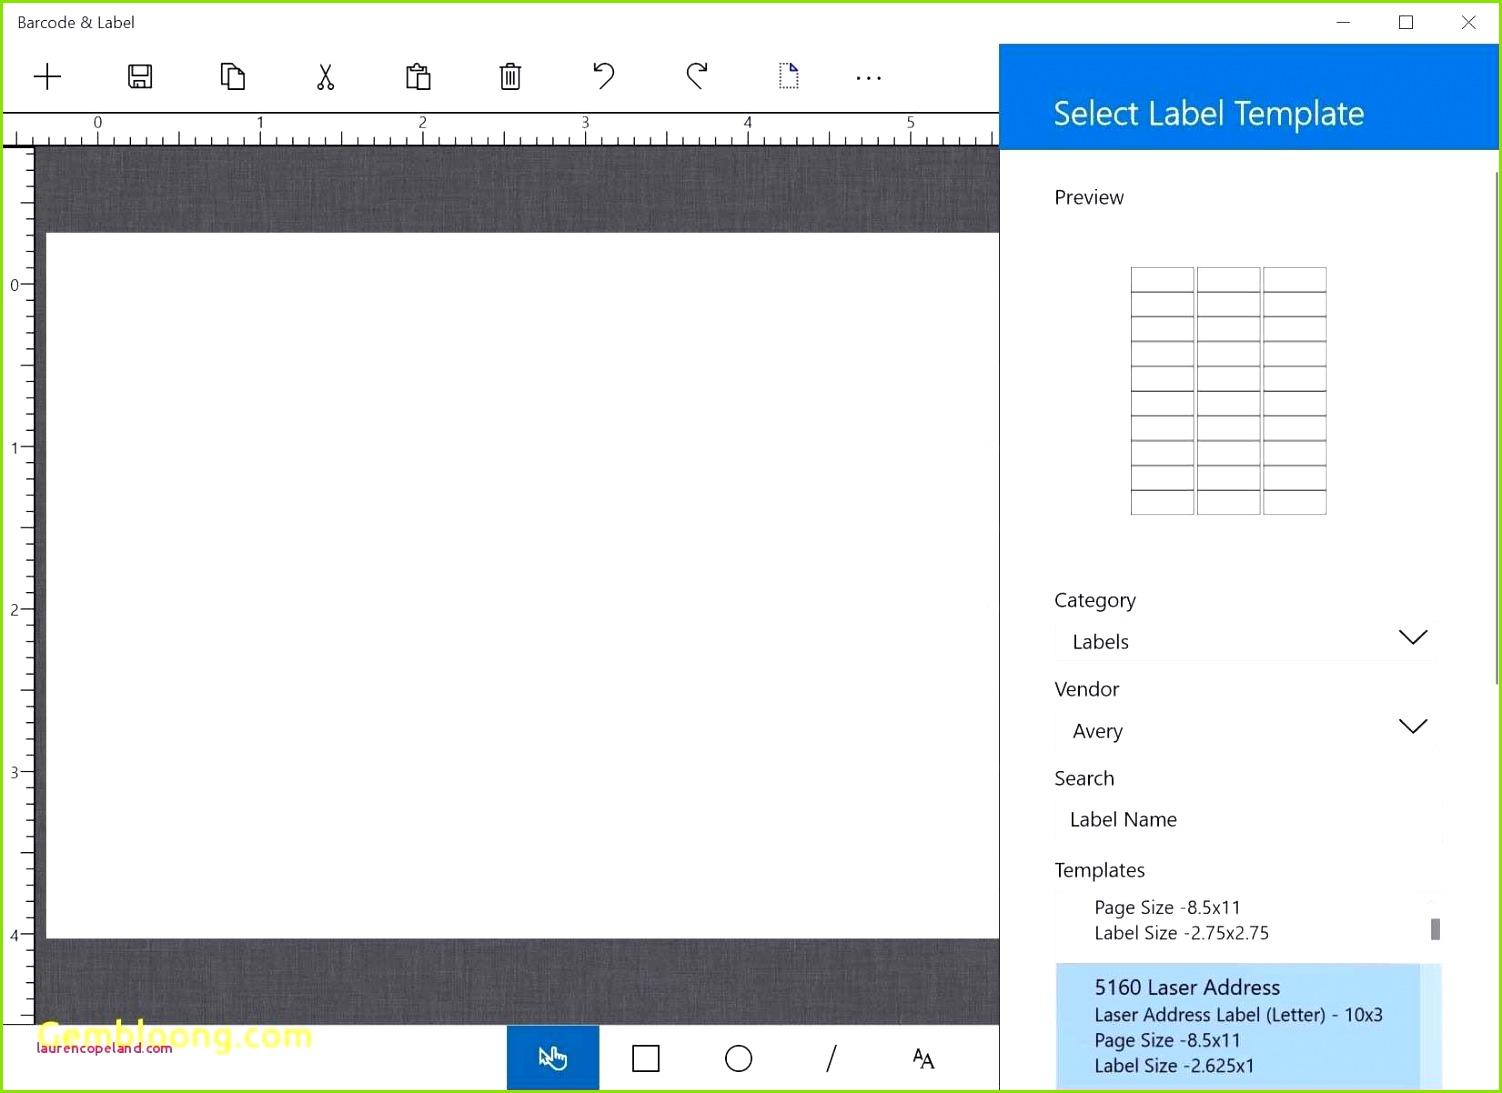 Leitz 1685 Word Vorlage Libreoffice Etiketten Vorlagen innerhalb Recent Leitz Etiketten Vorlage